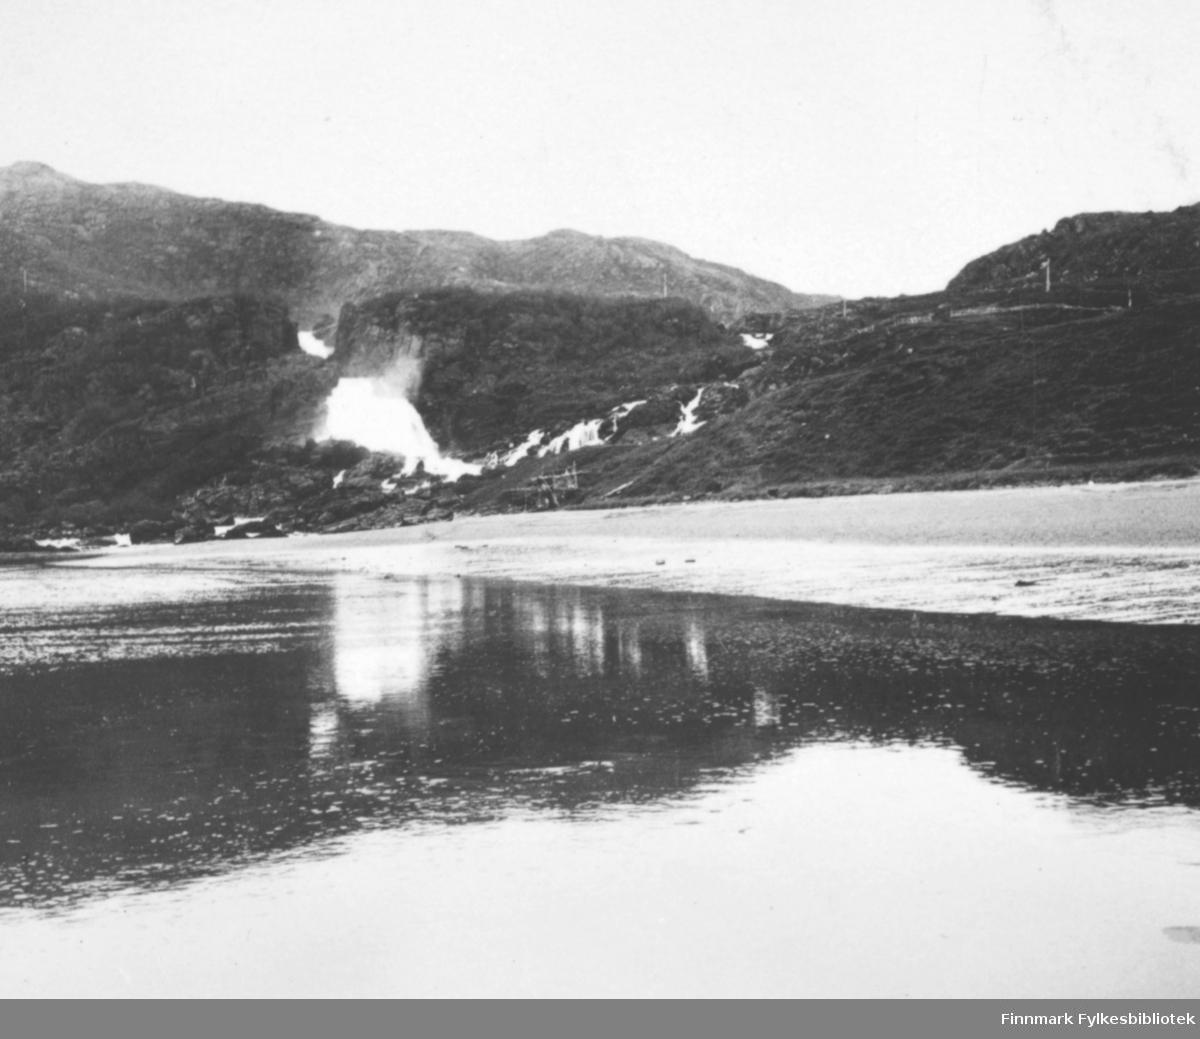 Landskapsbilde fotografert fra Adamsfjord med motiv fra Adamsfossen.